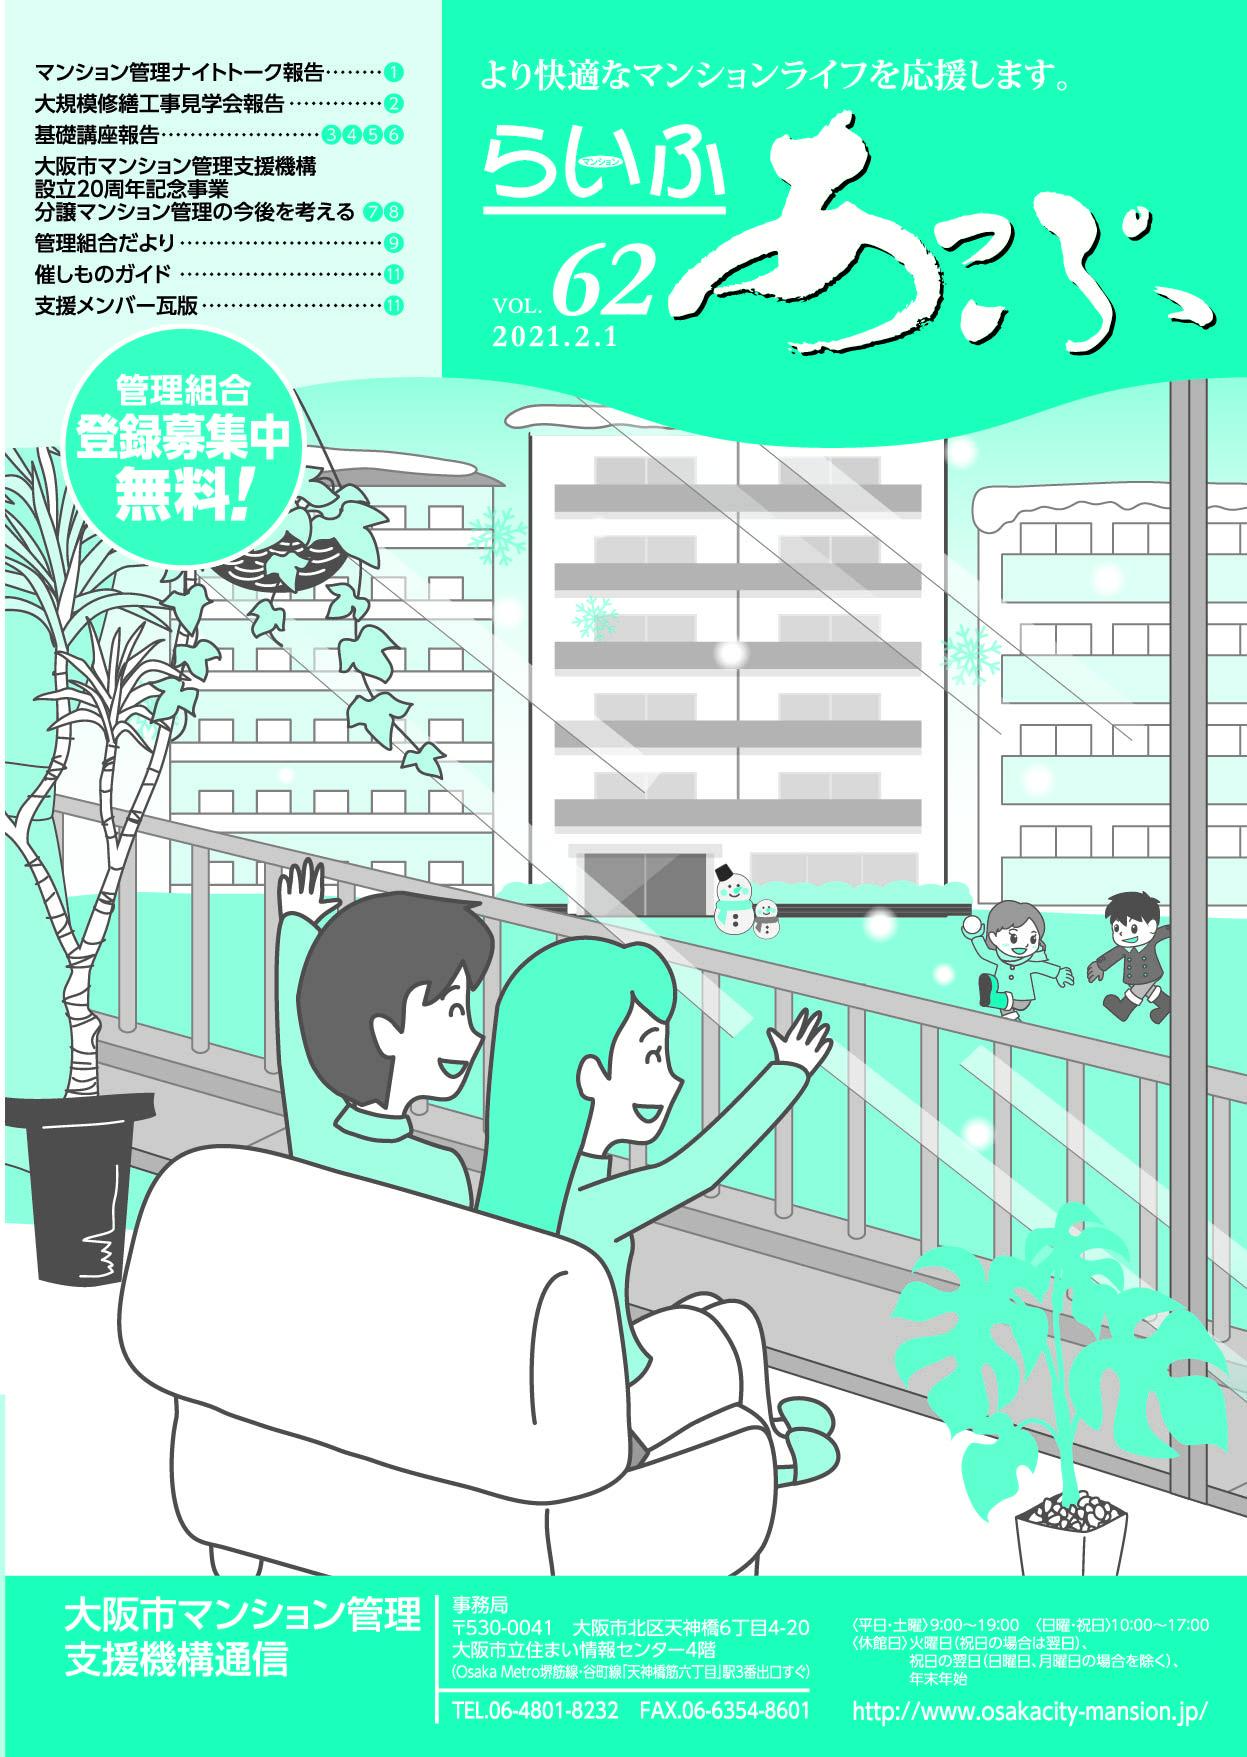 らいふあっぷVOL.62(PDF)